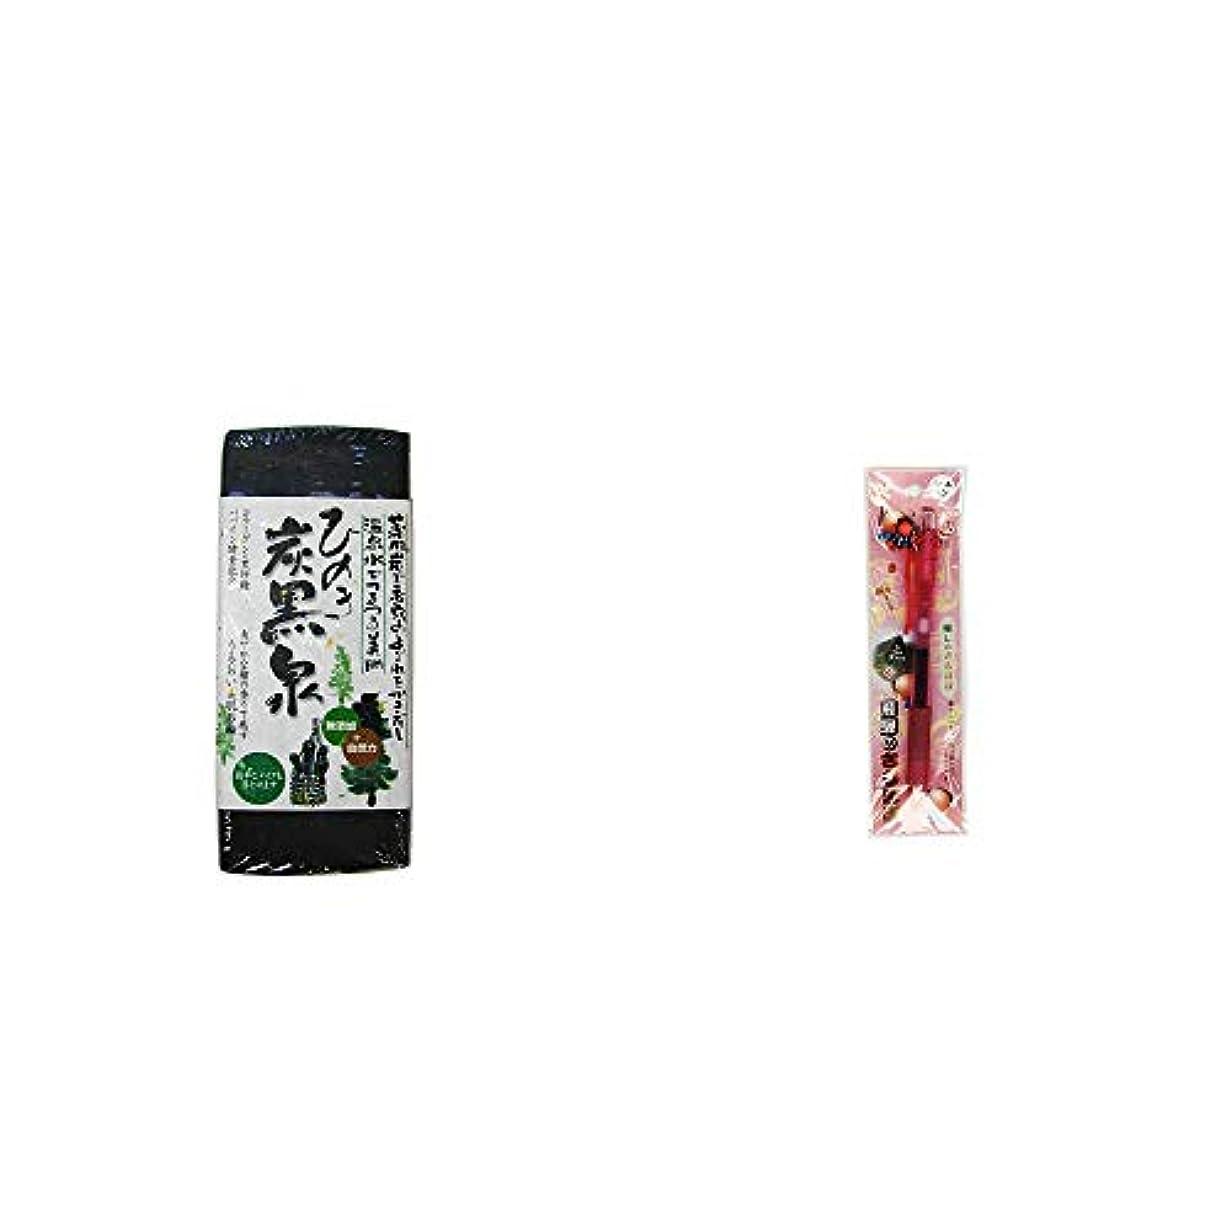 ありふれたジャニスプレゼンテーション[2点セット] ひのき炭黒泉(75g×2)?さるぼぼ 癒しボールペン 【ピンク】